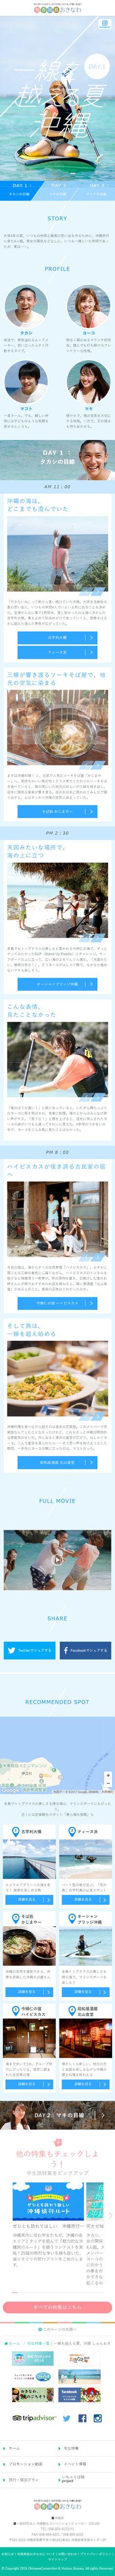 一線を超える夏沖縄|WEBデザイナーさん必見!スマホランディングページのデザイン参考に(にぎやか系)